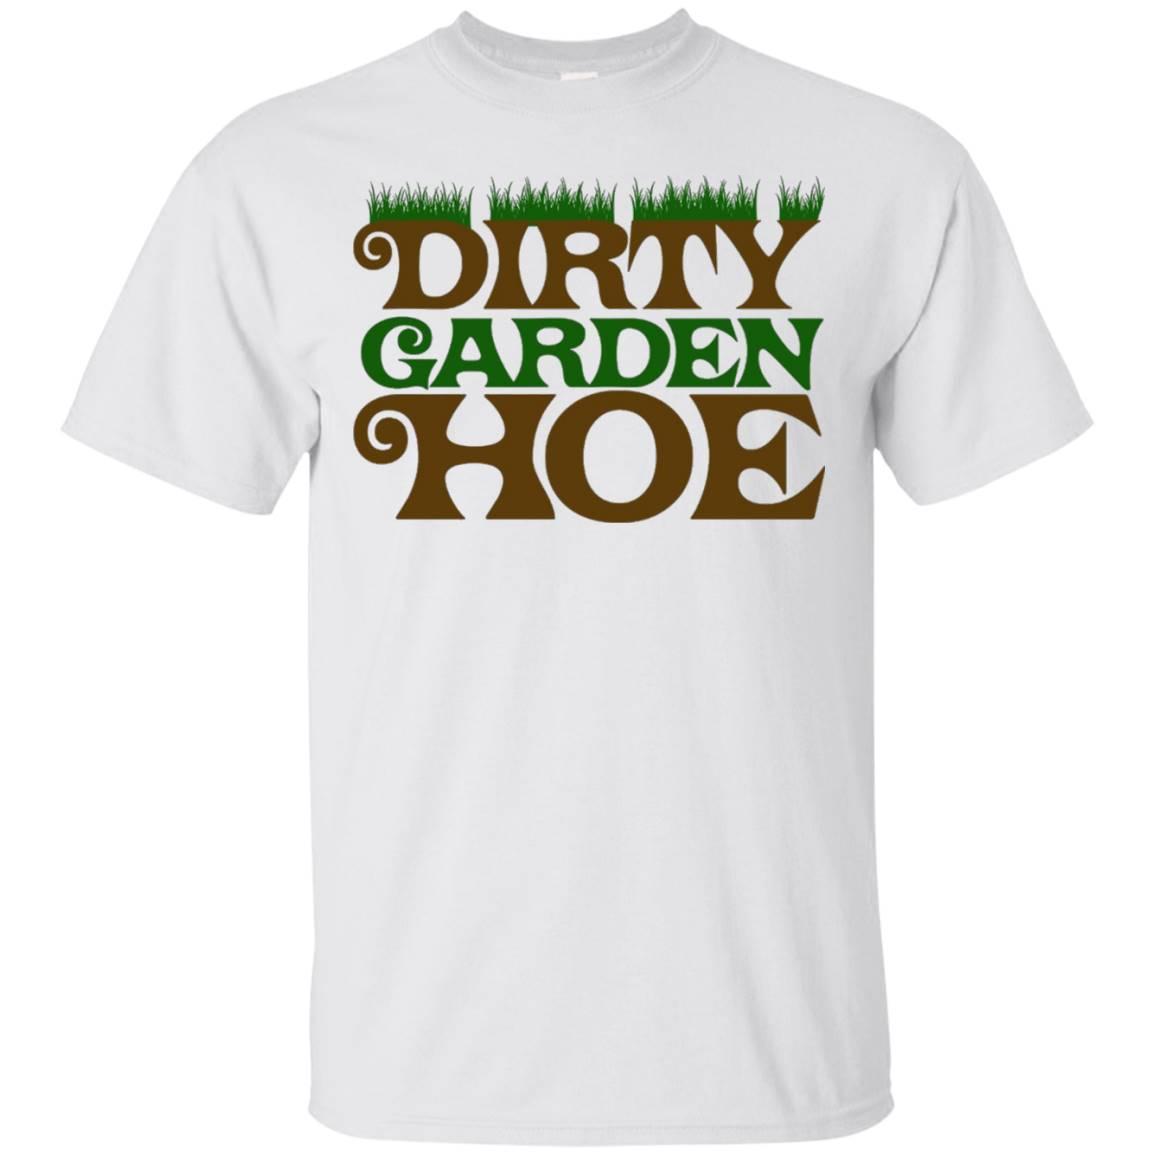 Dirty Garden Hoe Shirt Flowers & Greenhouse T-Shirt